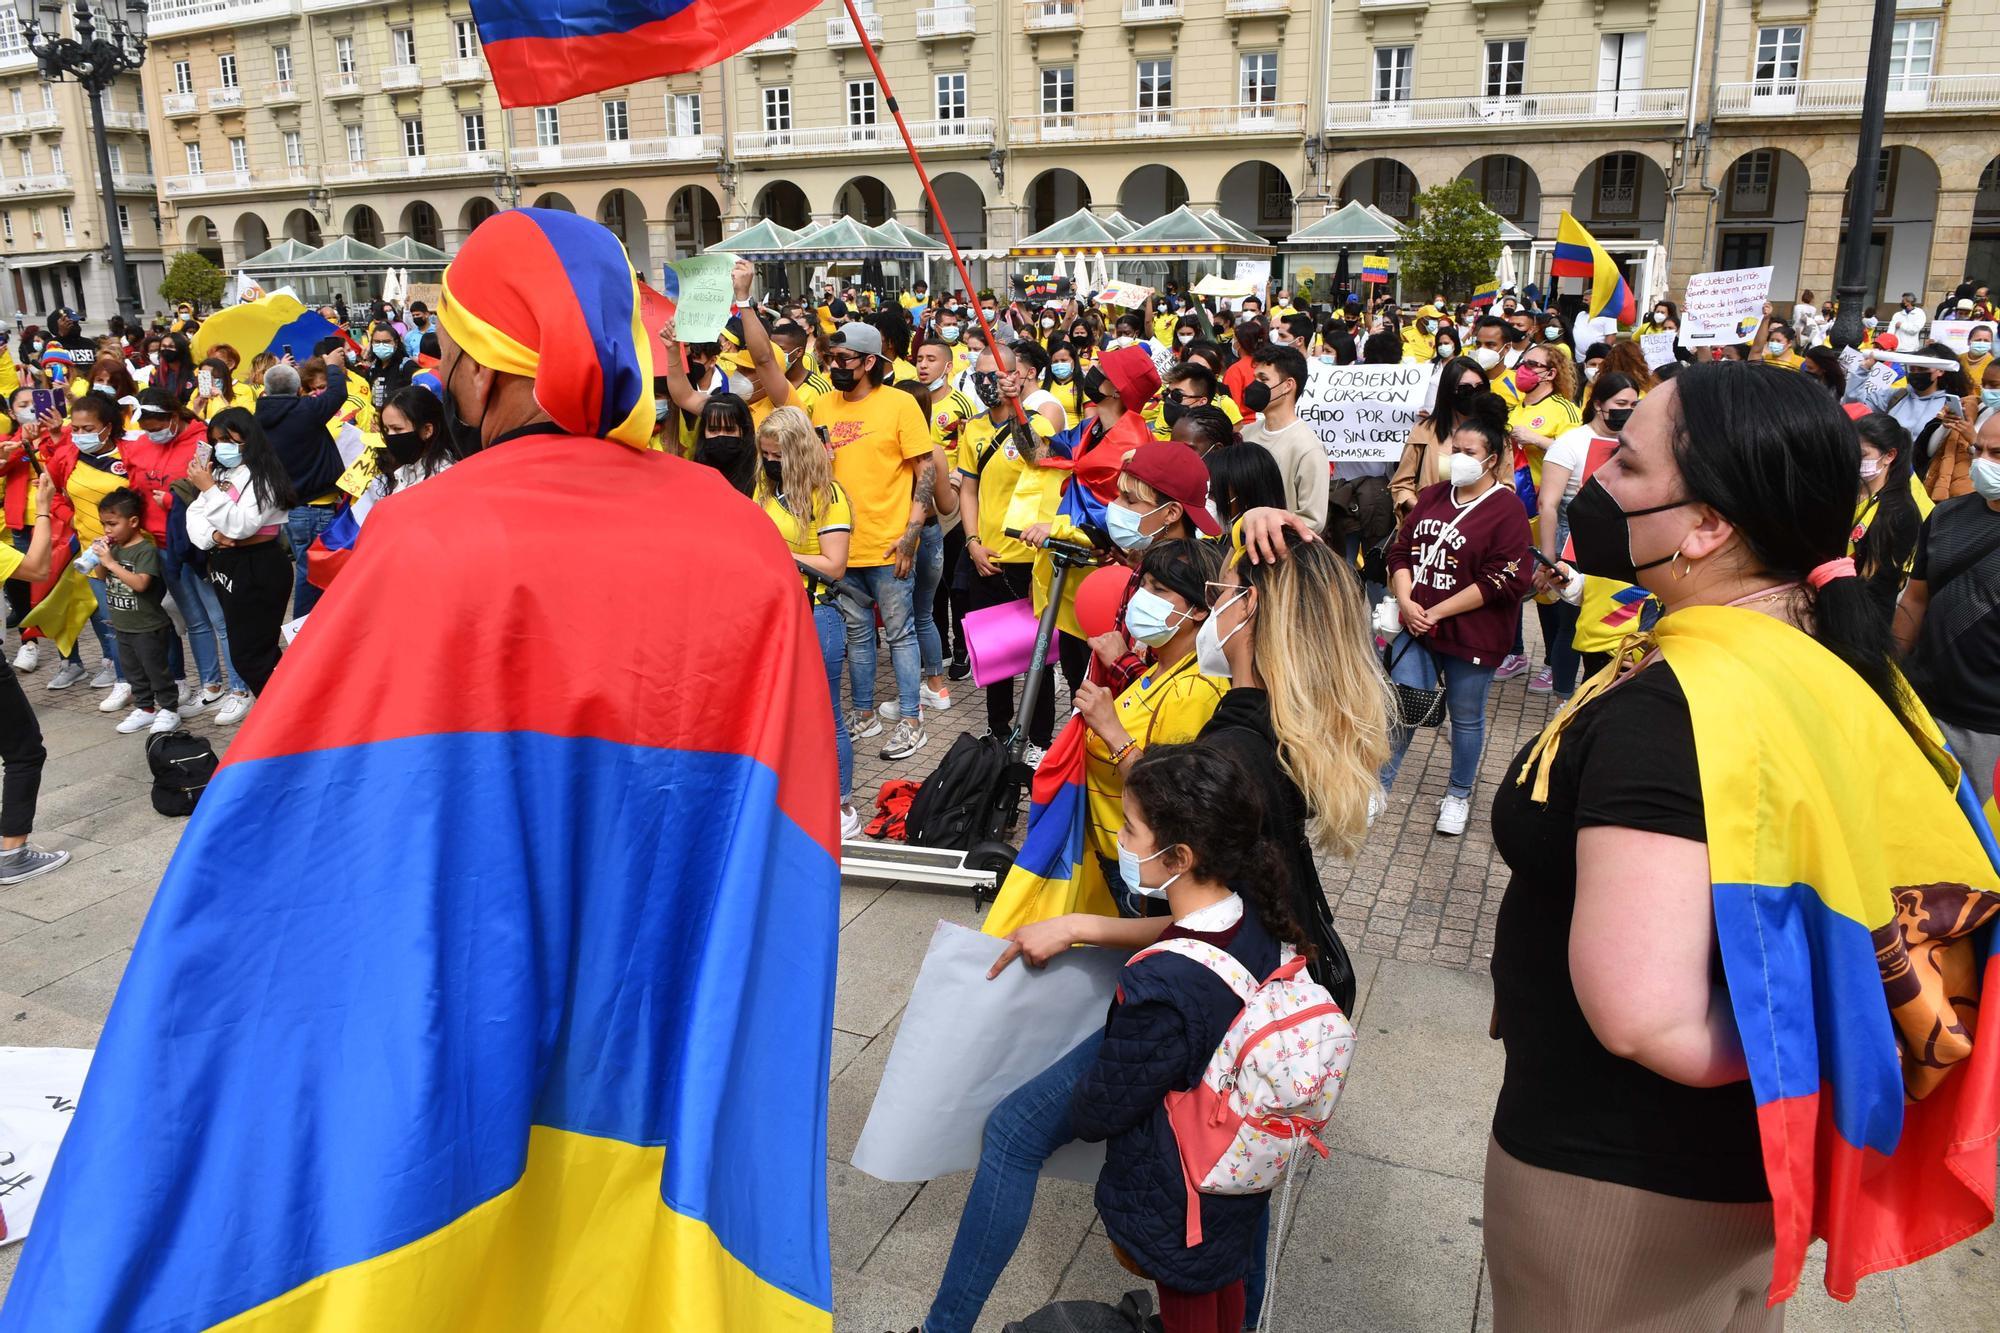 Los colombianos de A Coruña protestan por la violencia en su país